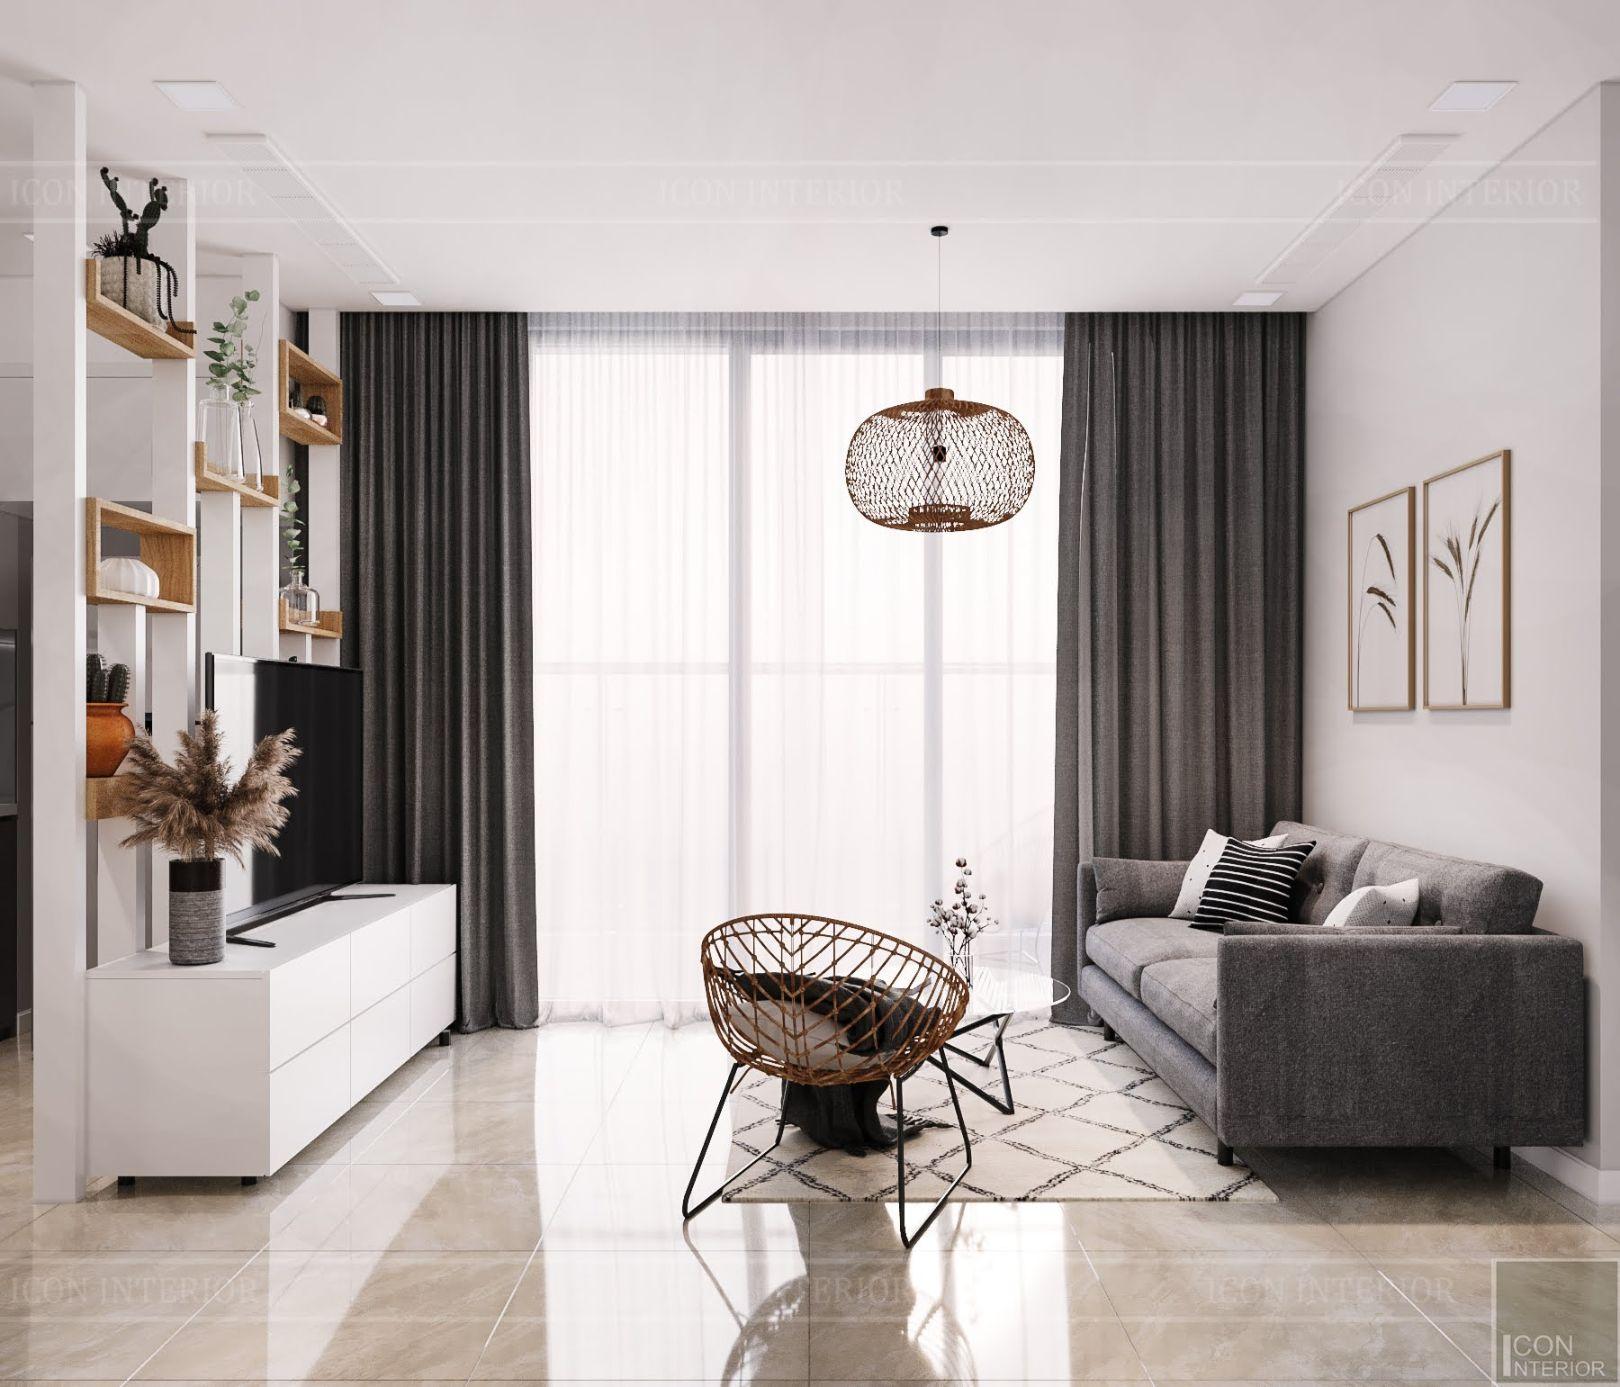 Thiết kế nội thất chung cư 2 phòng ngủ Vinhomes Bason - phòng khách